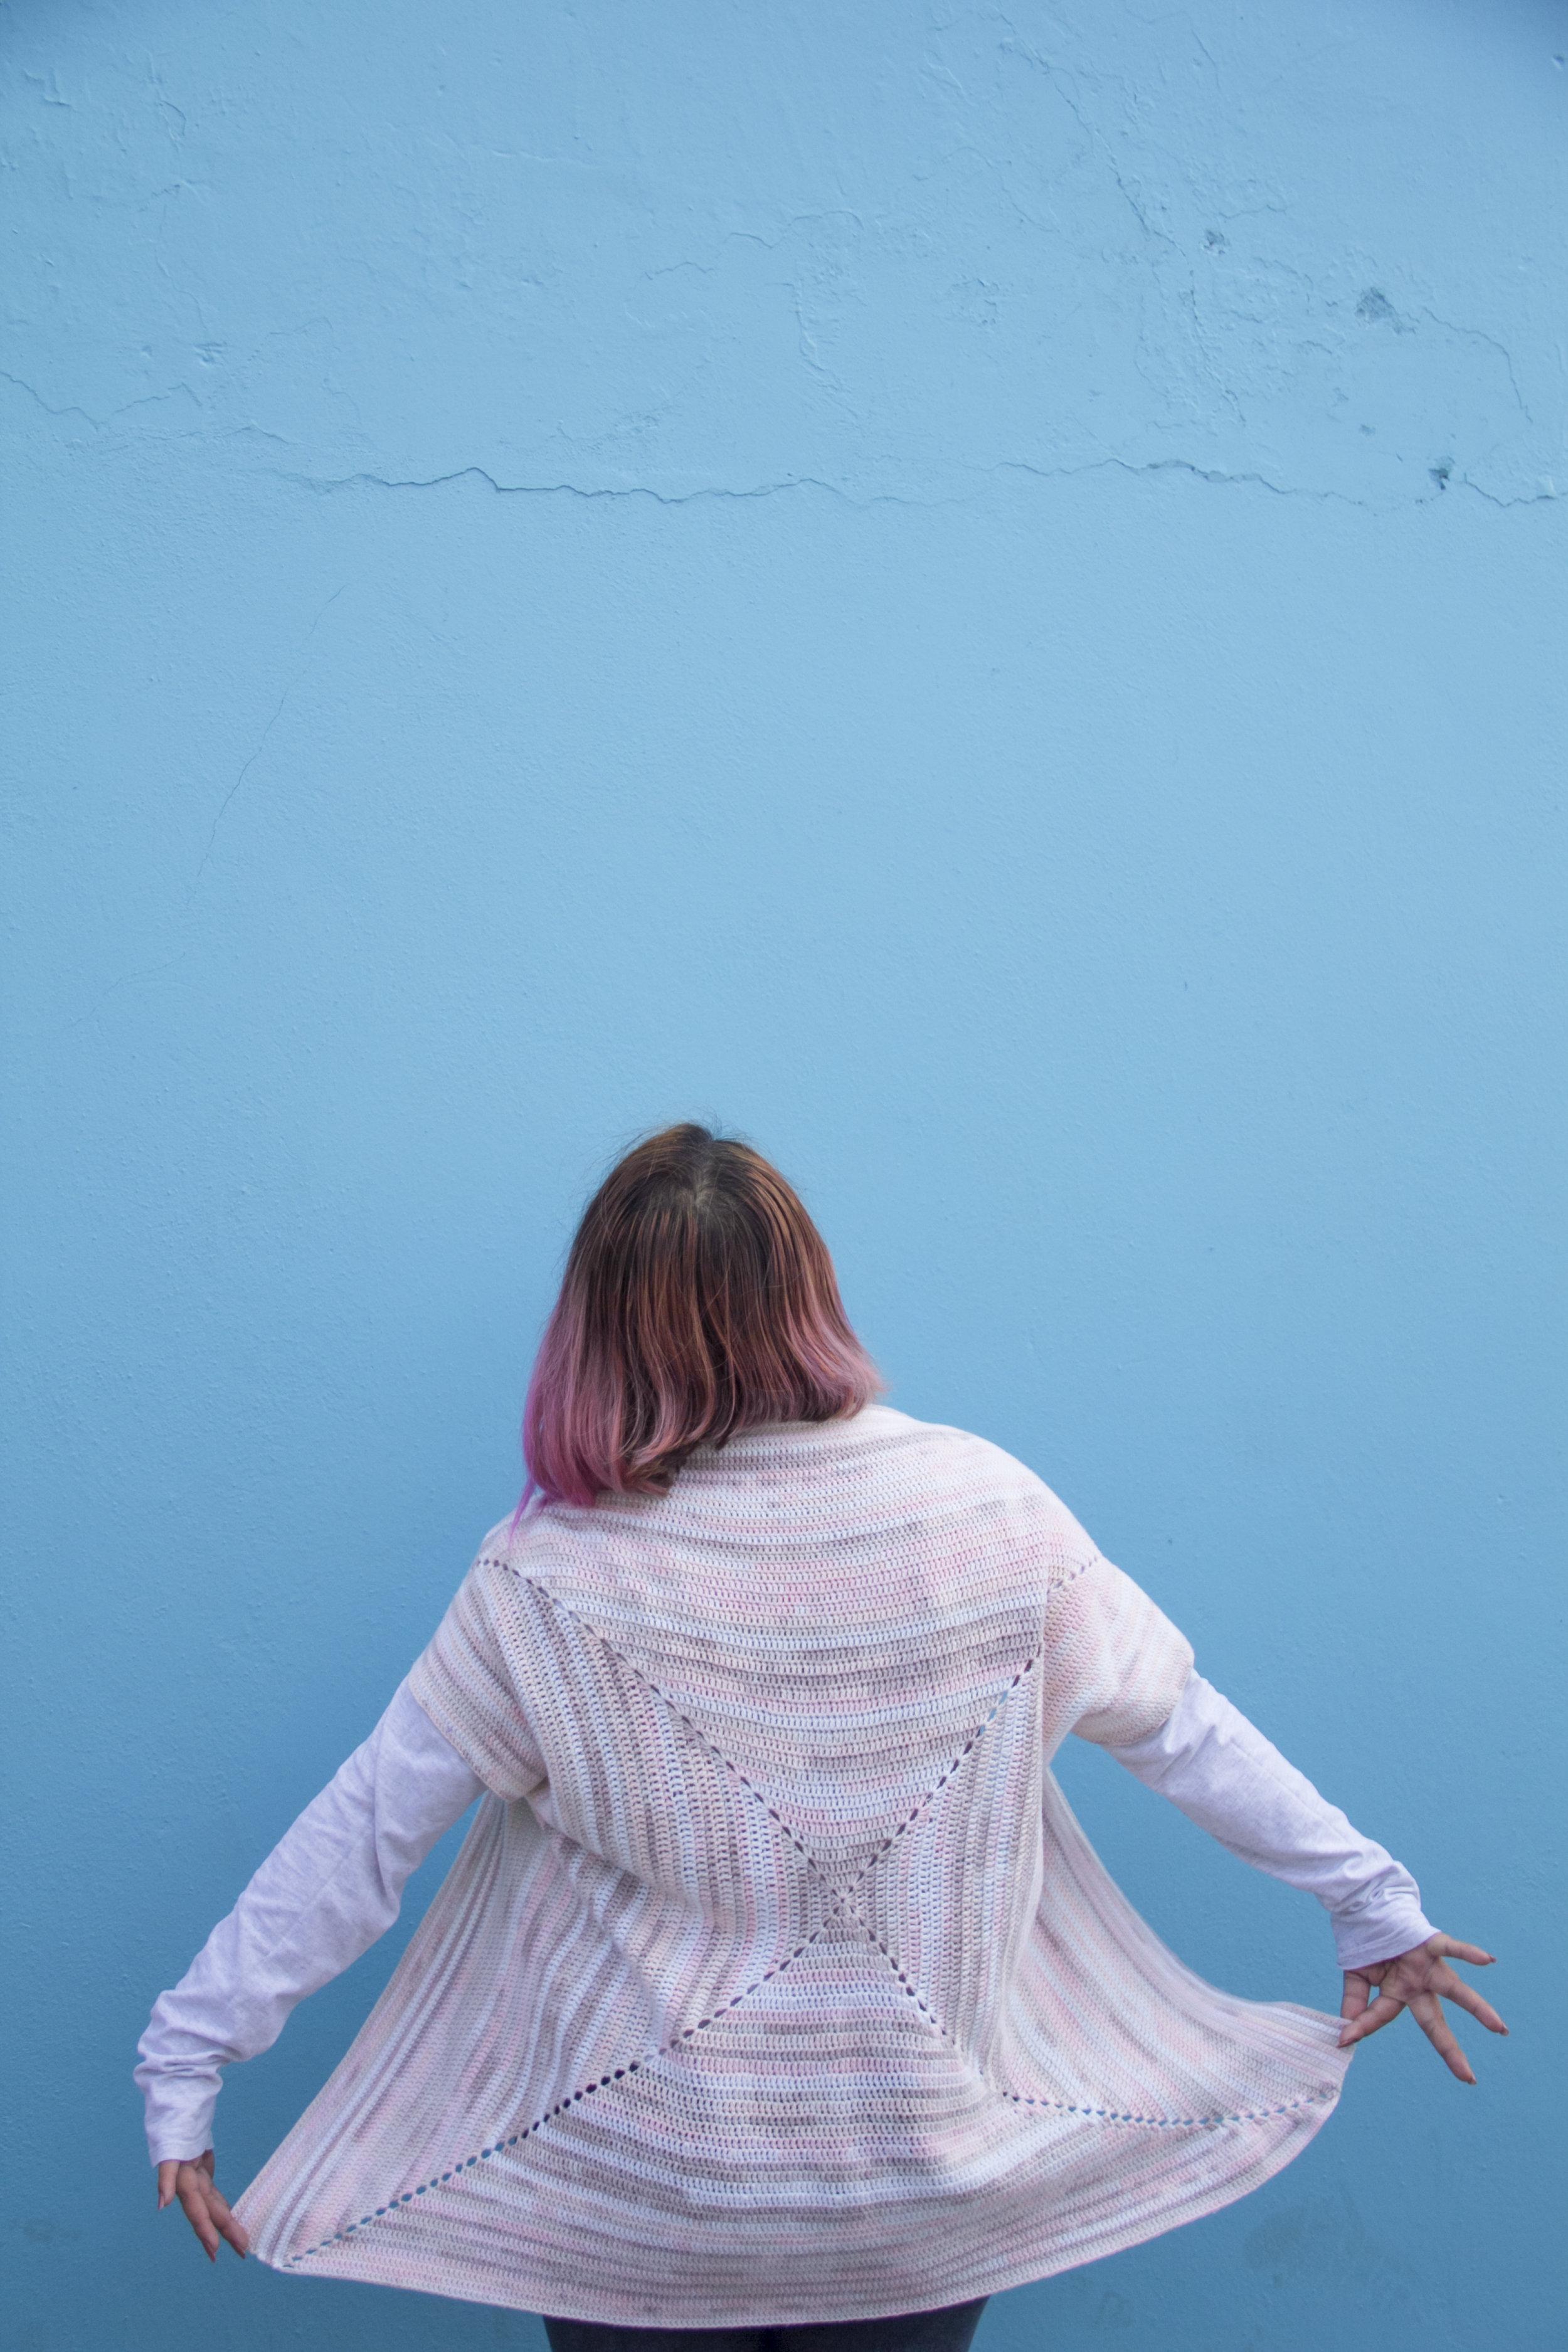 Capítulo 3 - NO ERES MALA, SOLO IMPERFECTA¿Cómo podía mejorarme como persona si todo me decía que era imposible?¿Cómo podía lidiar con la sensación de ser una mala persona?La envidia me atormentaba todos los días, me hacía hablar a espaldas de las personas, los celos me corroían y alimentaban mis miedos.Empecé a hacer daño para no sufrir.¿Cómo iba a salir de ese bucle?